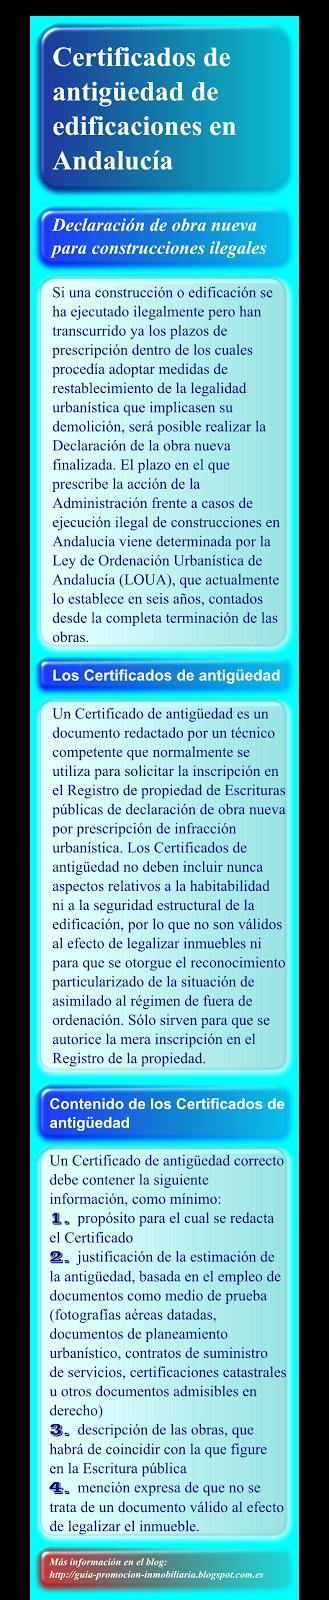 Certificados de antigüedad en Andalucía